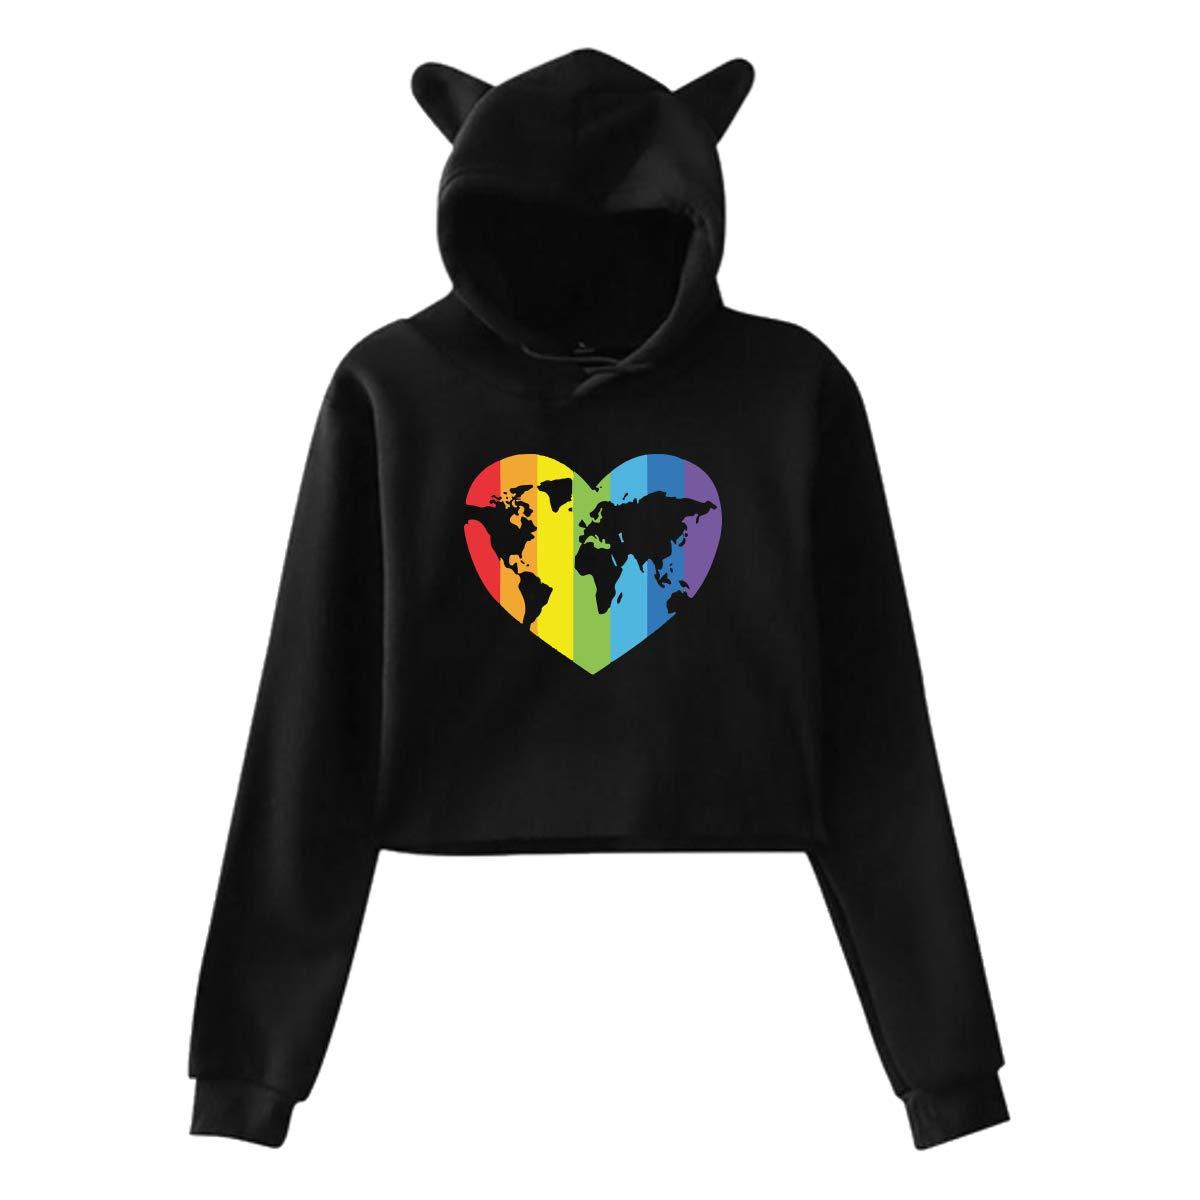 Gay Pride Girls Cute Cat Ear Crop Tops Hoodie Sweater Pullover Sweatshirt